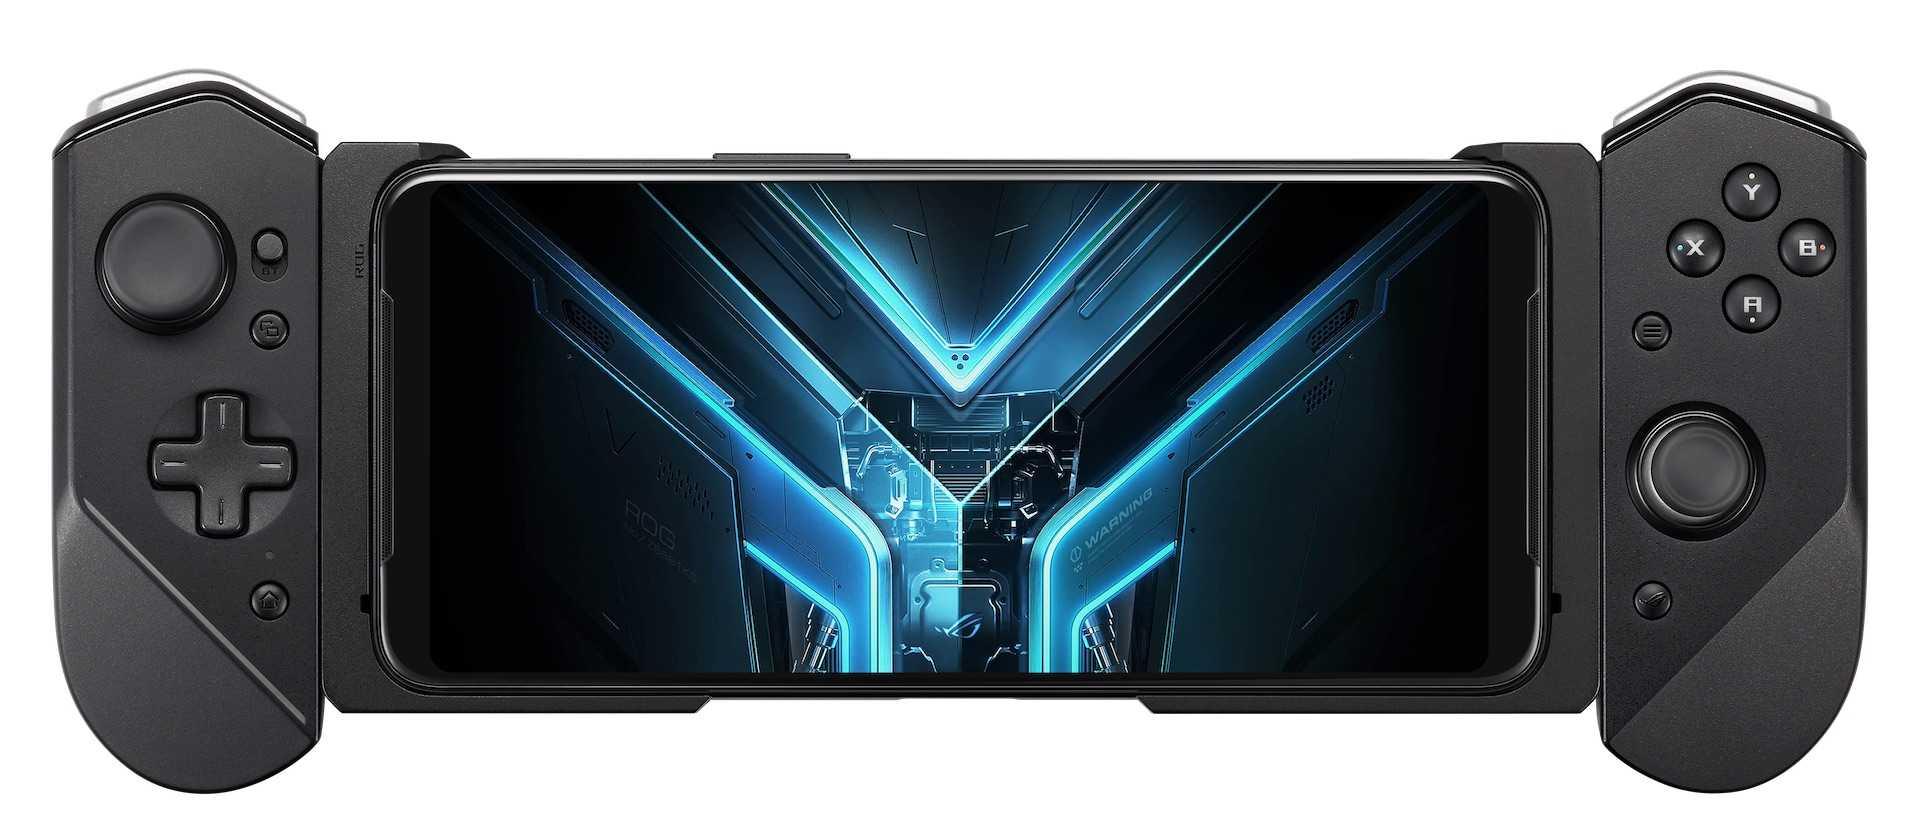 Asus rog phone 2 - дата выхода, обзор, характеристики и цена